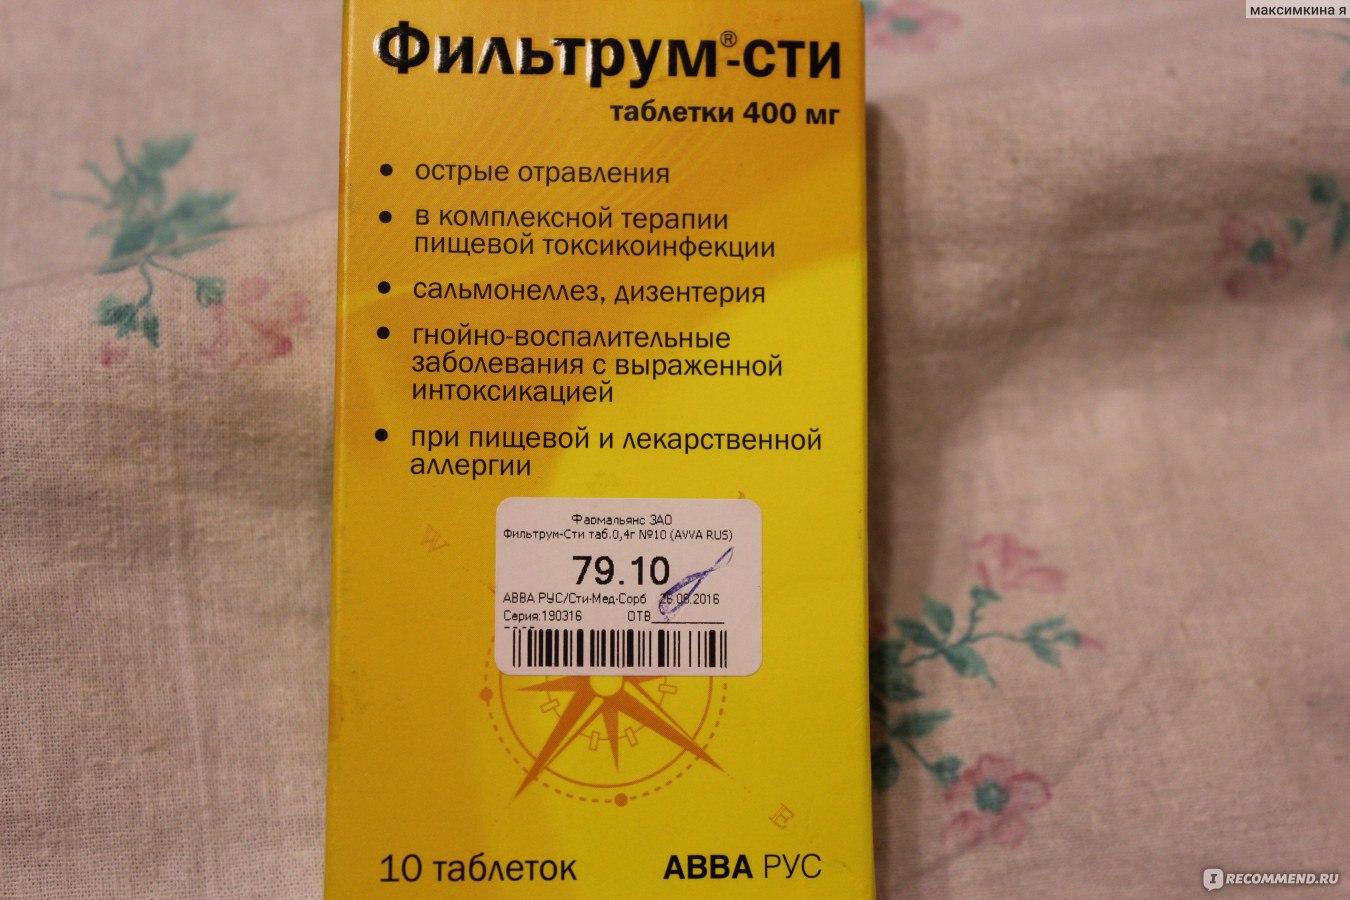 фильтрум400 мг инструкция к применению